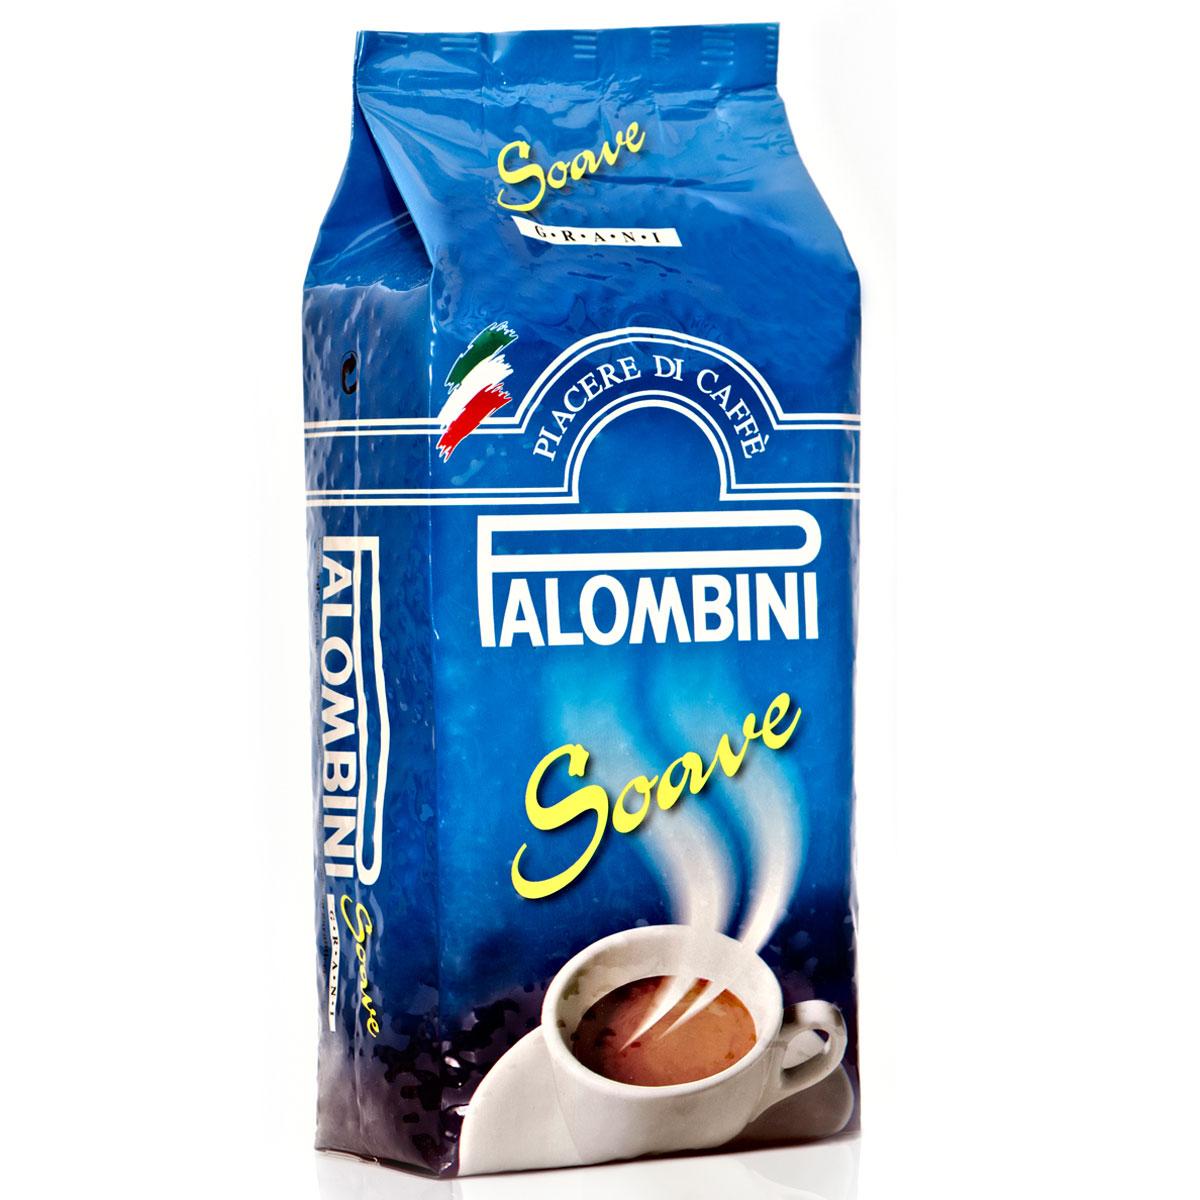 Palombini Soave кофе в зернах, 1 кг